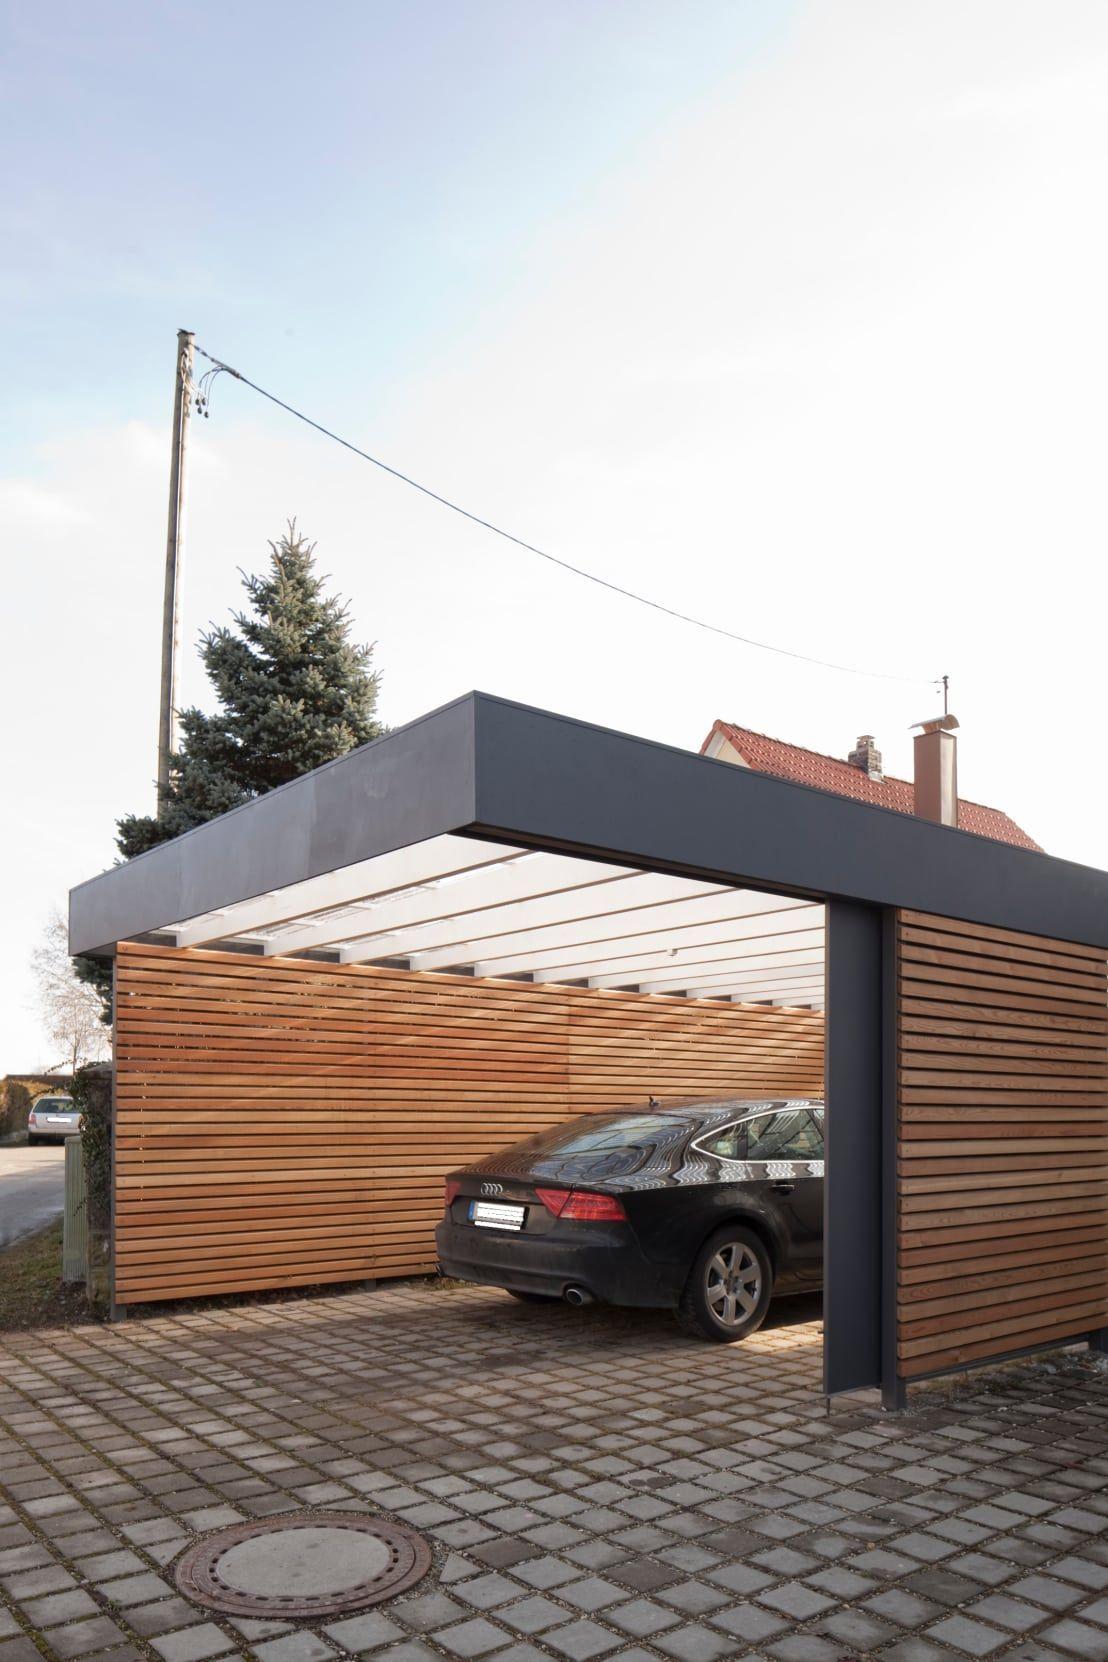 Carport Ideen carport architekt armin hägele car ports pergolas and house